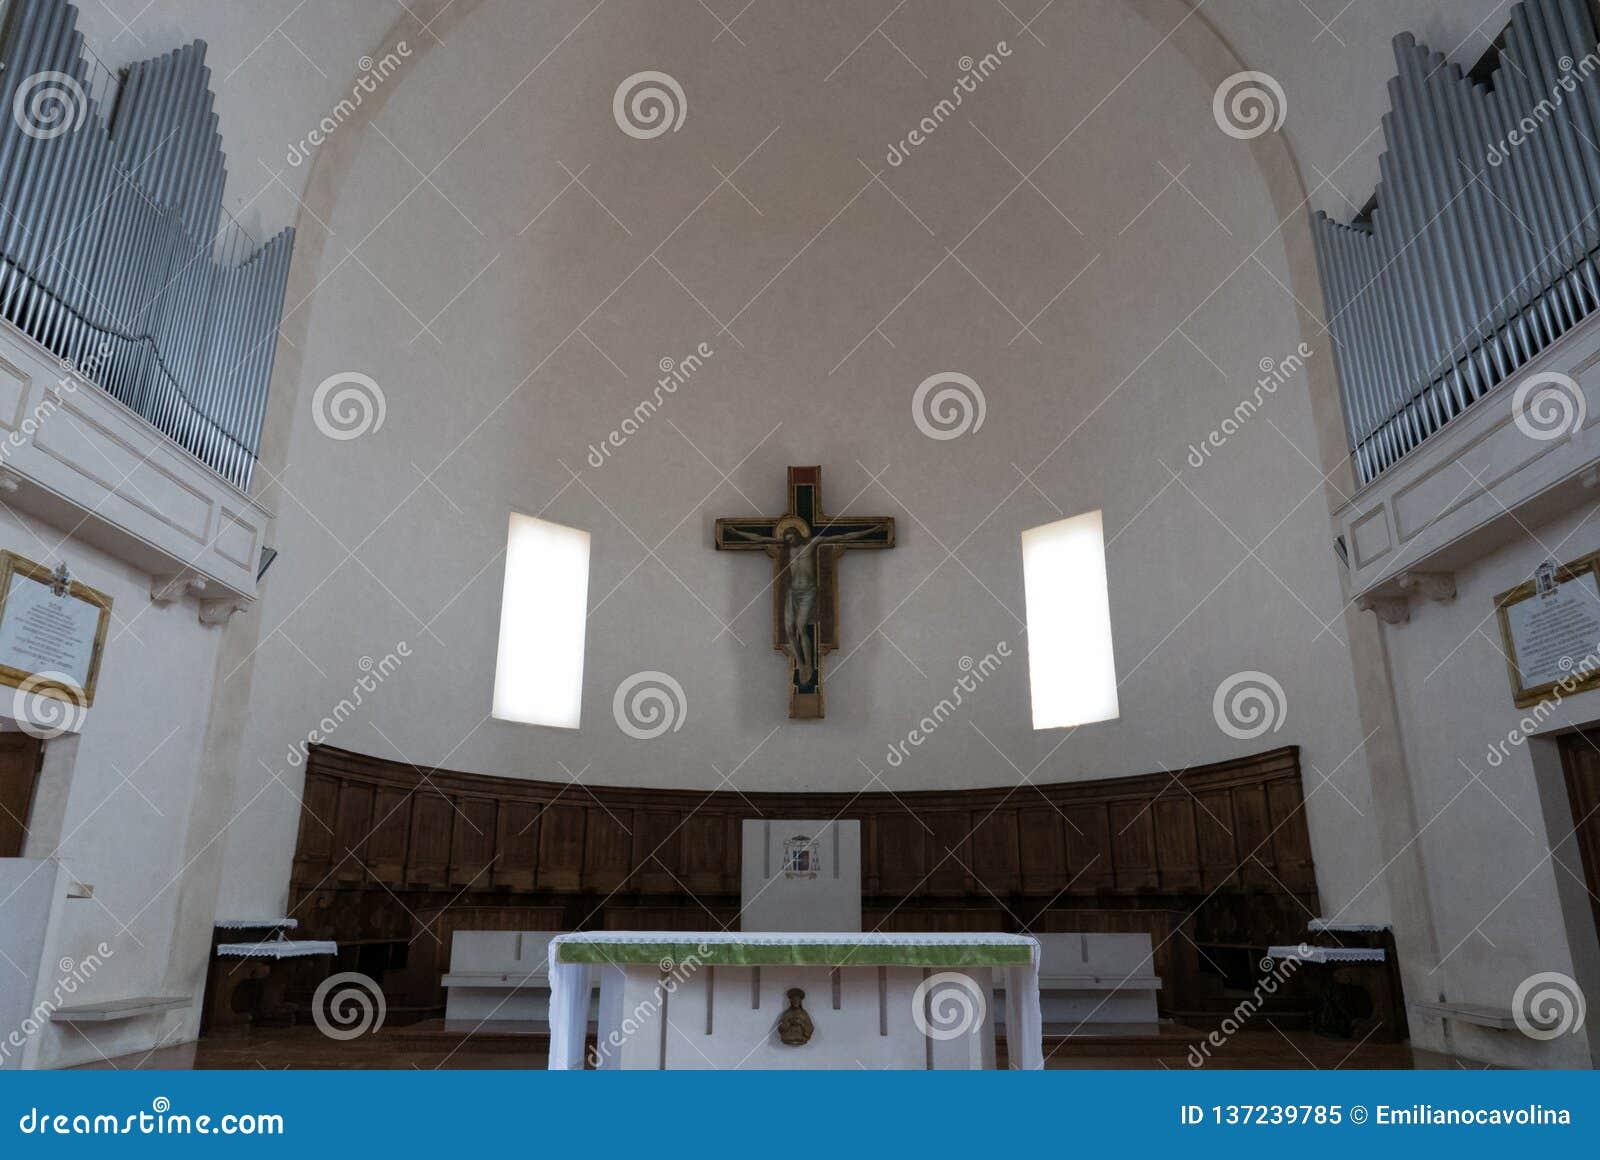 在Tempio意味马拉泰斯塔寺庙未完成的大教堂教会的Malatestiano里面命名对于圣弗朗西斯